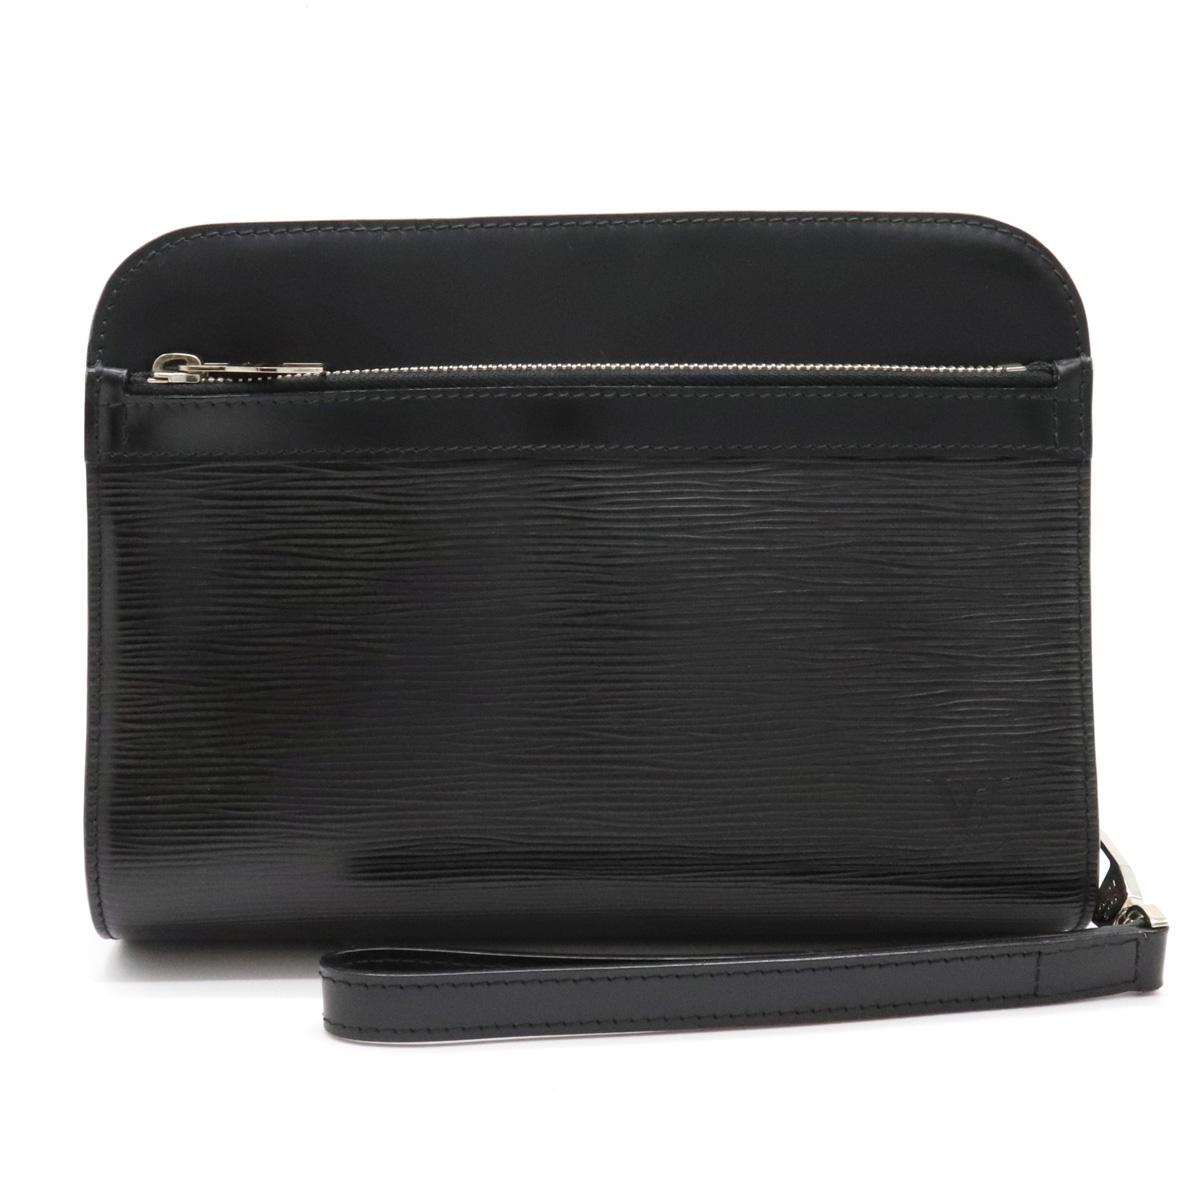 バッグ LOUIS VUITTON ルイ ヴィトン エピ オシュ セカンドバッグ 中古 黒 即出荷 レザー ノワール M59362 公式 シルバー金具 クラッチバッグ ブラック